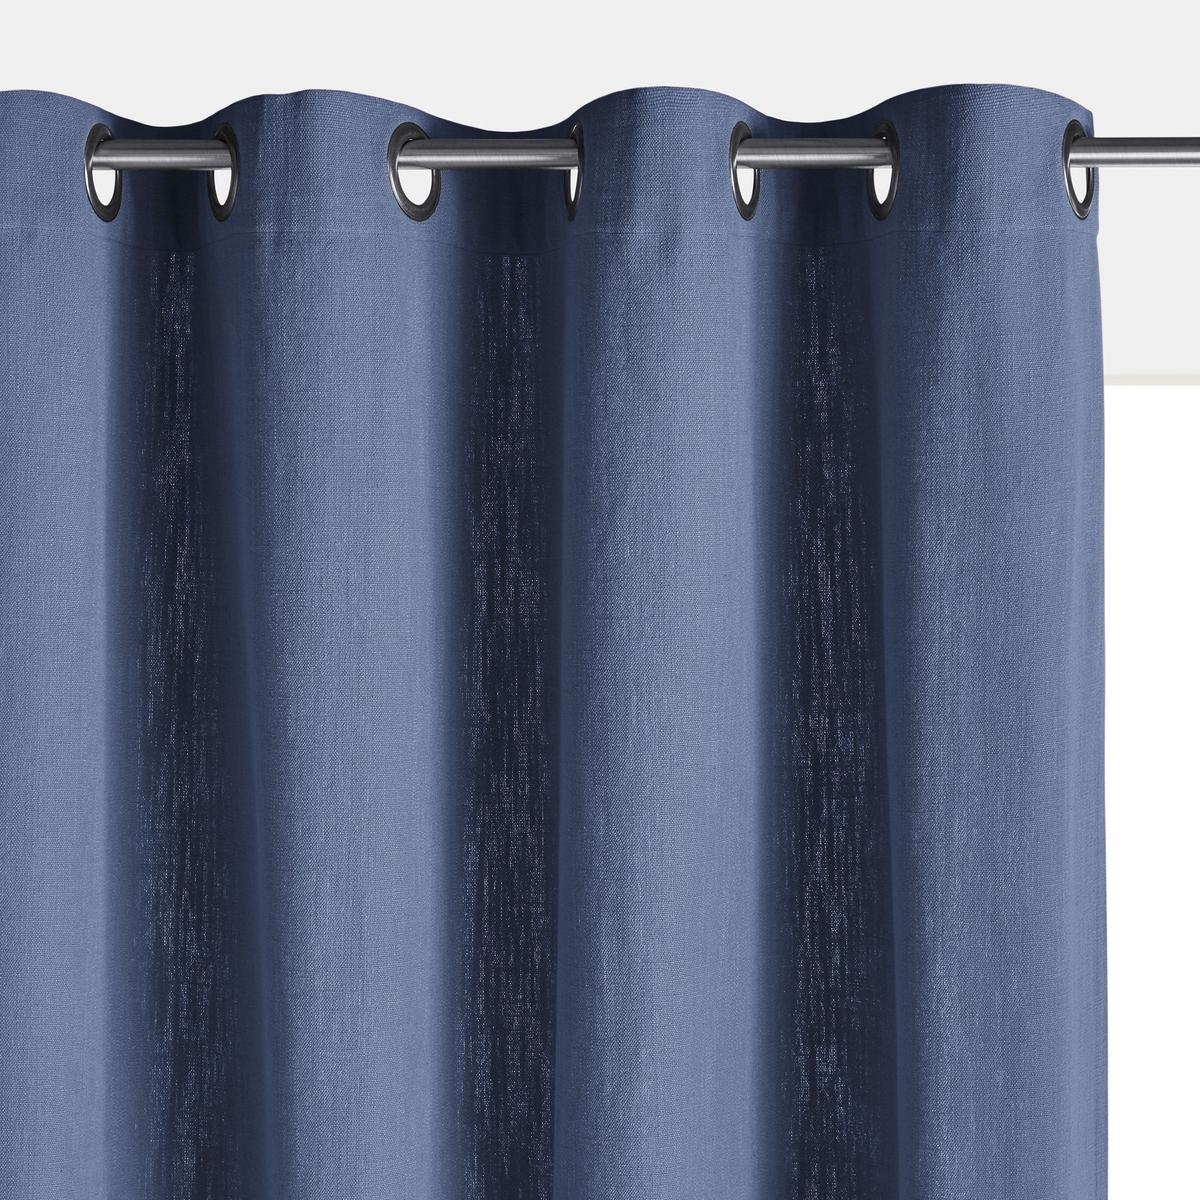 Штора La Redoute В стиле фута ZIRA 260 x 140 см синий штора с люверсами 100% хлопок aron